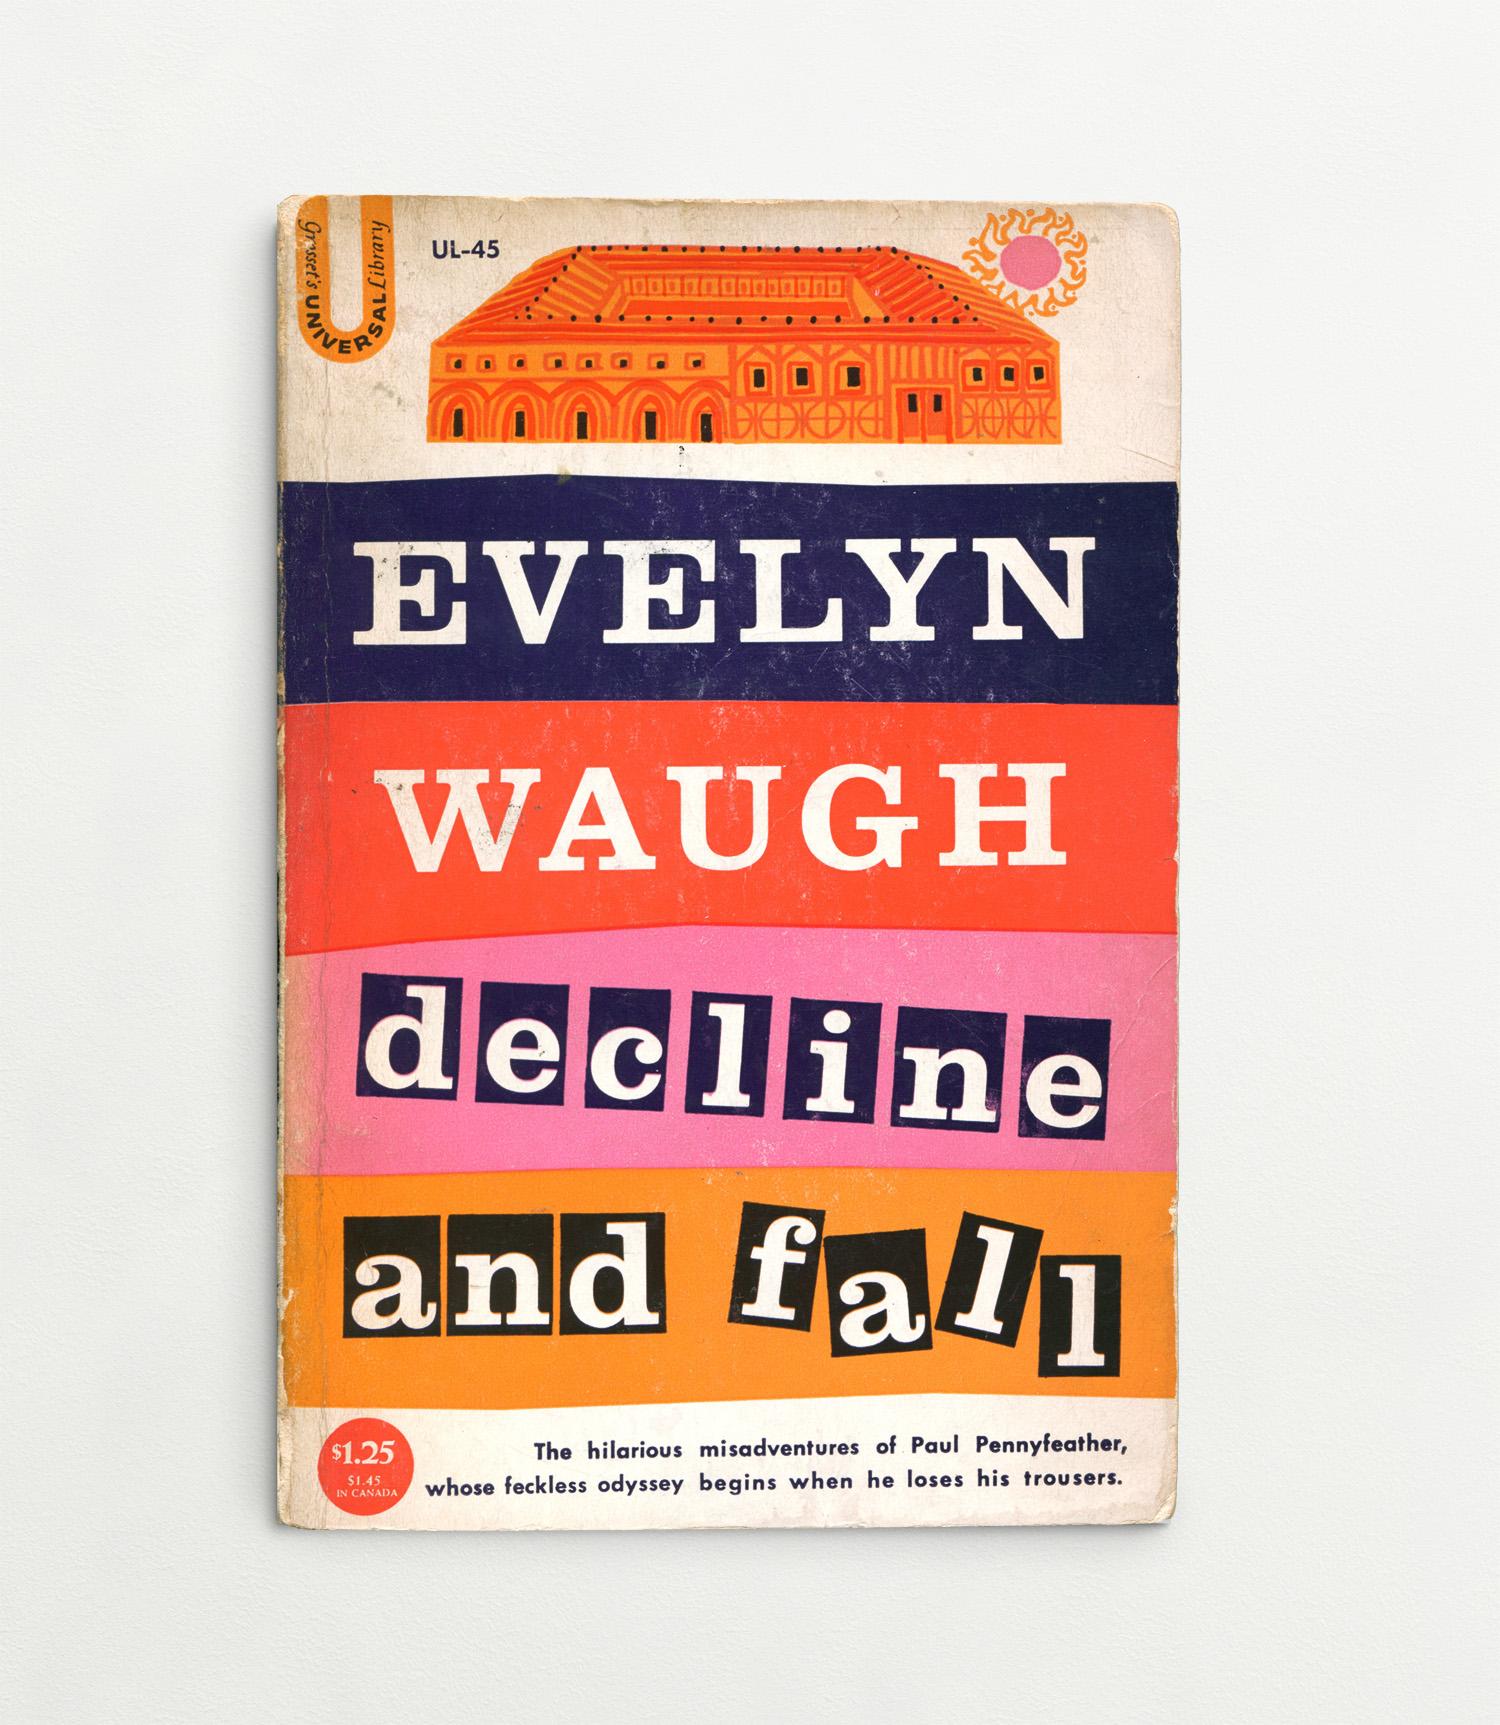 Evelynwaugh_declineandfall.jpg